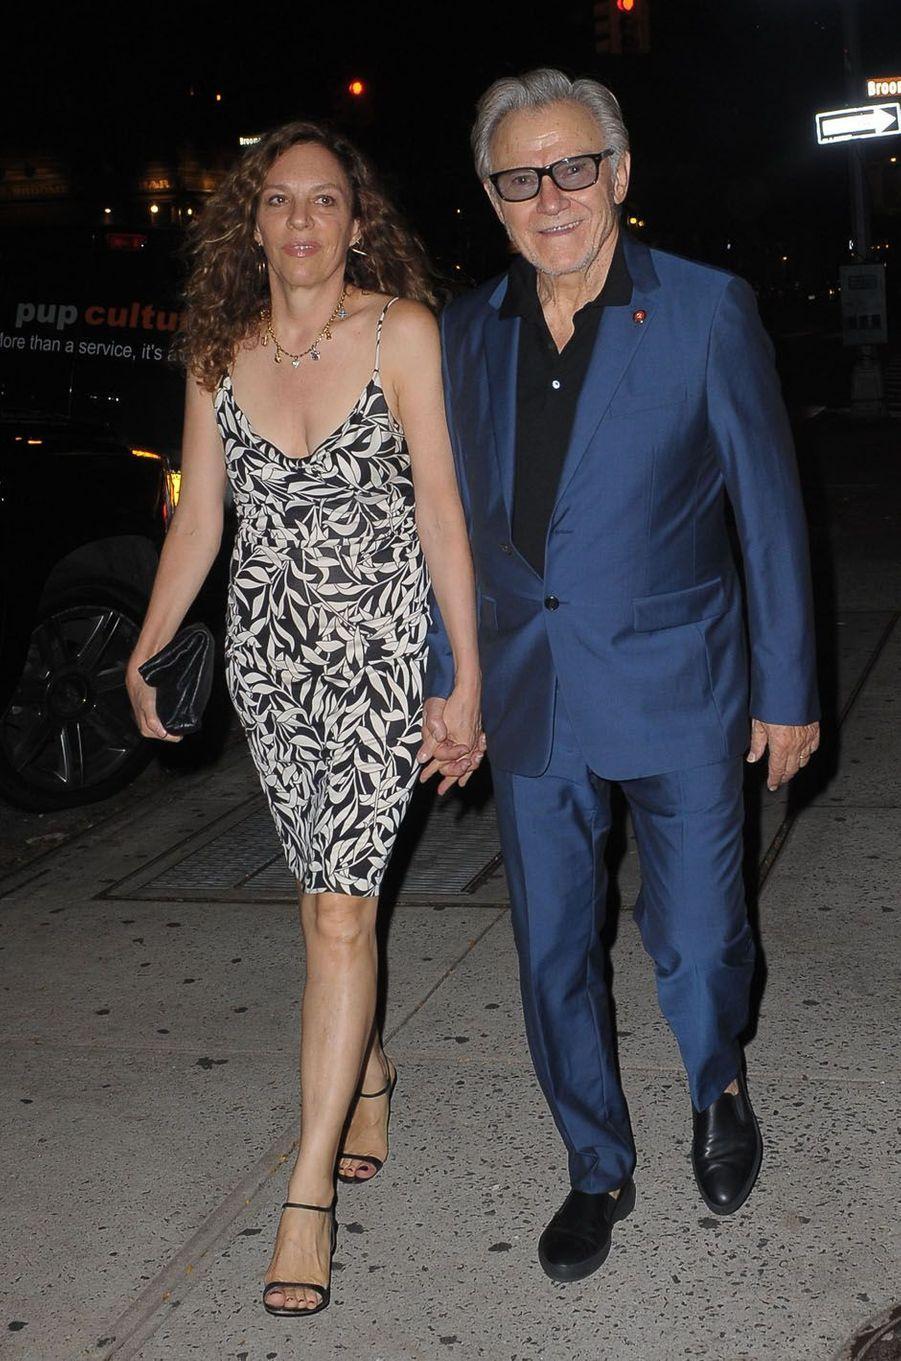 Harvey Keitel et sa femme lors de la fête de fiançailles de Quentin Tarantino et Daniella Pick, le 23 septembre 2017 à New York.